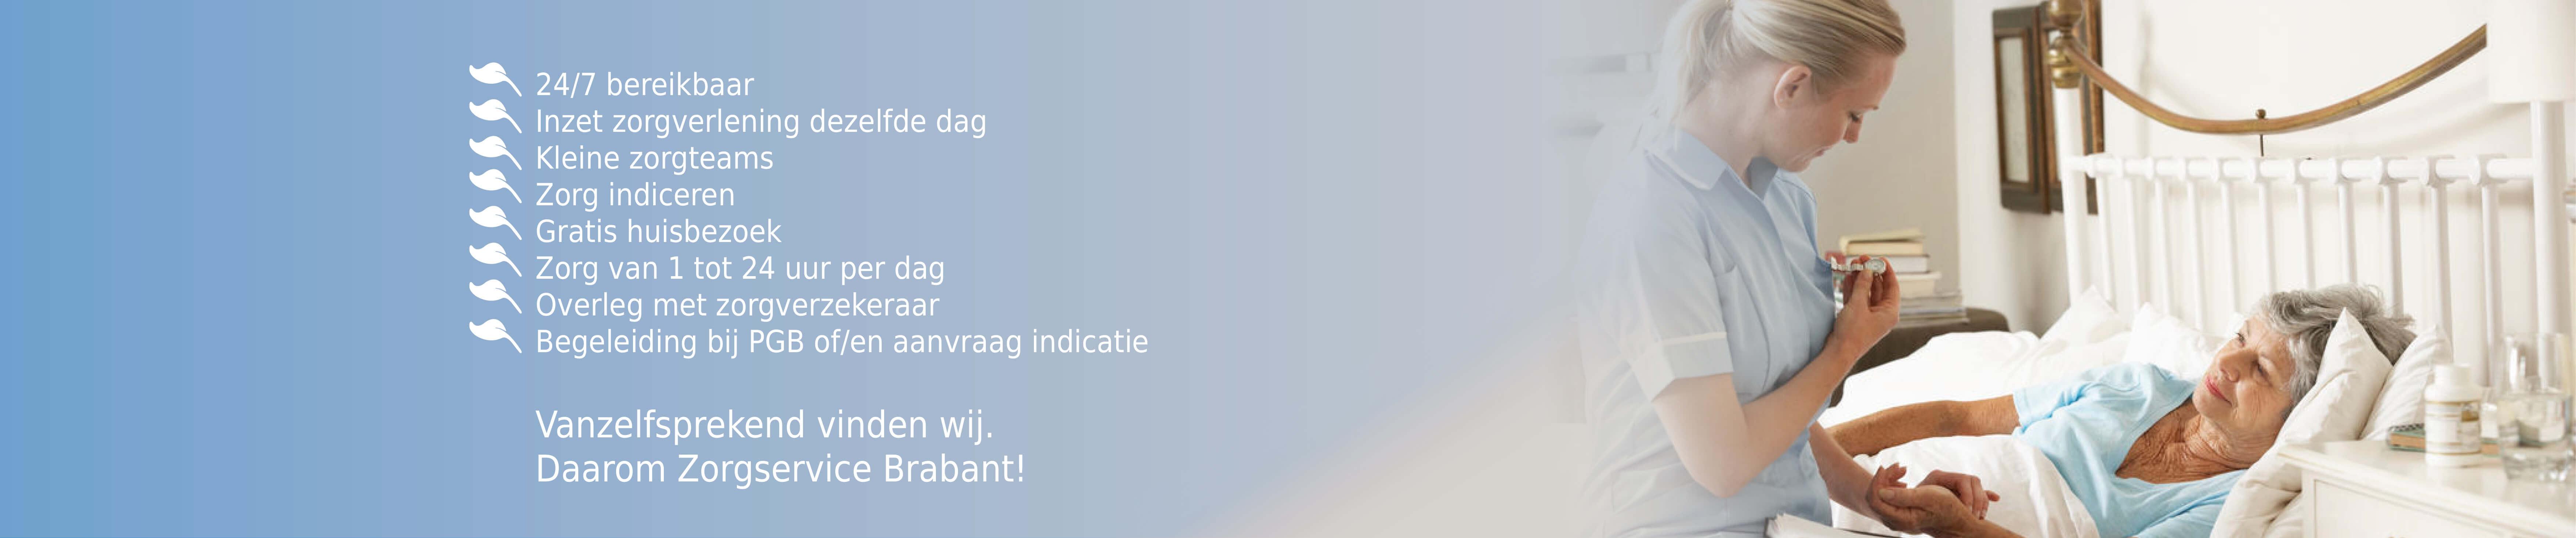 Zorgservice Brabant voordelen2.4